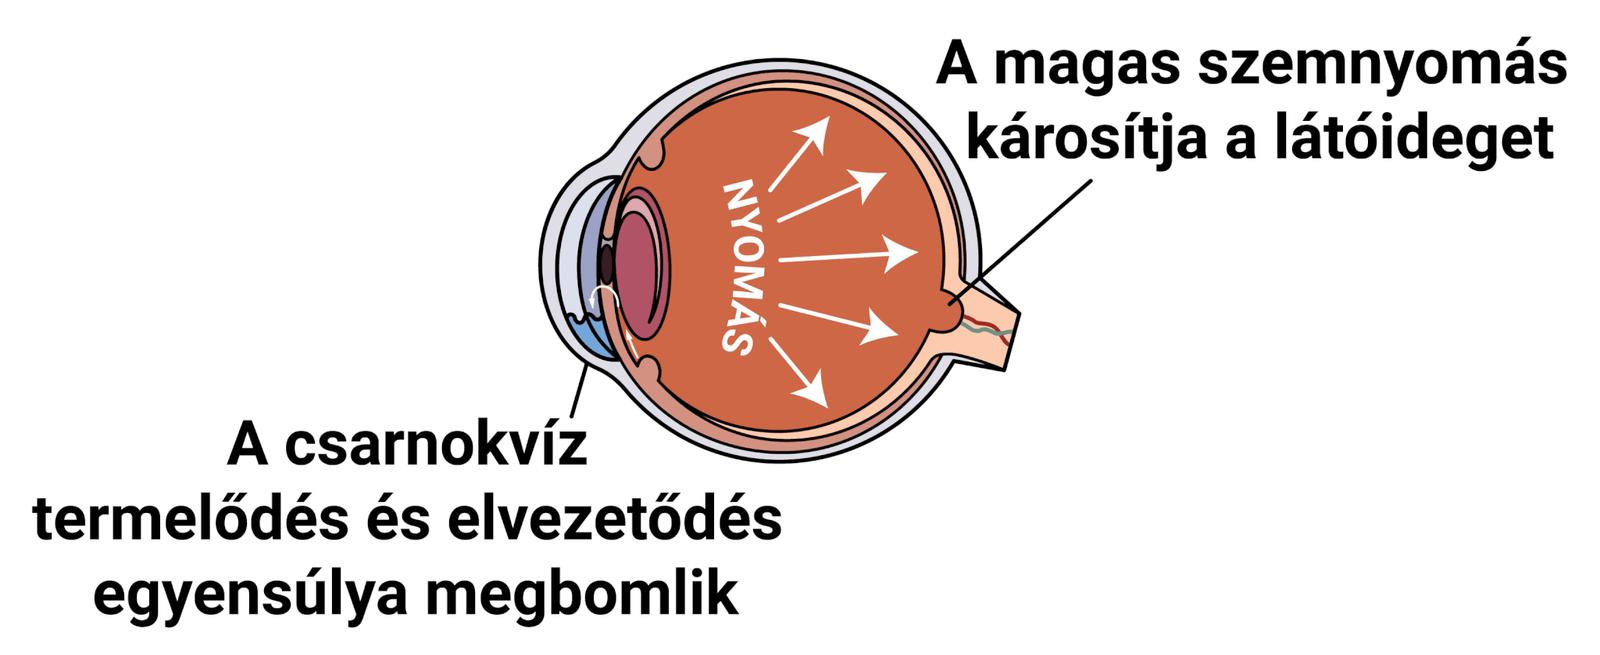 magas vérnyomás szemnyomás)